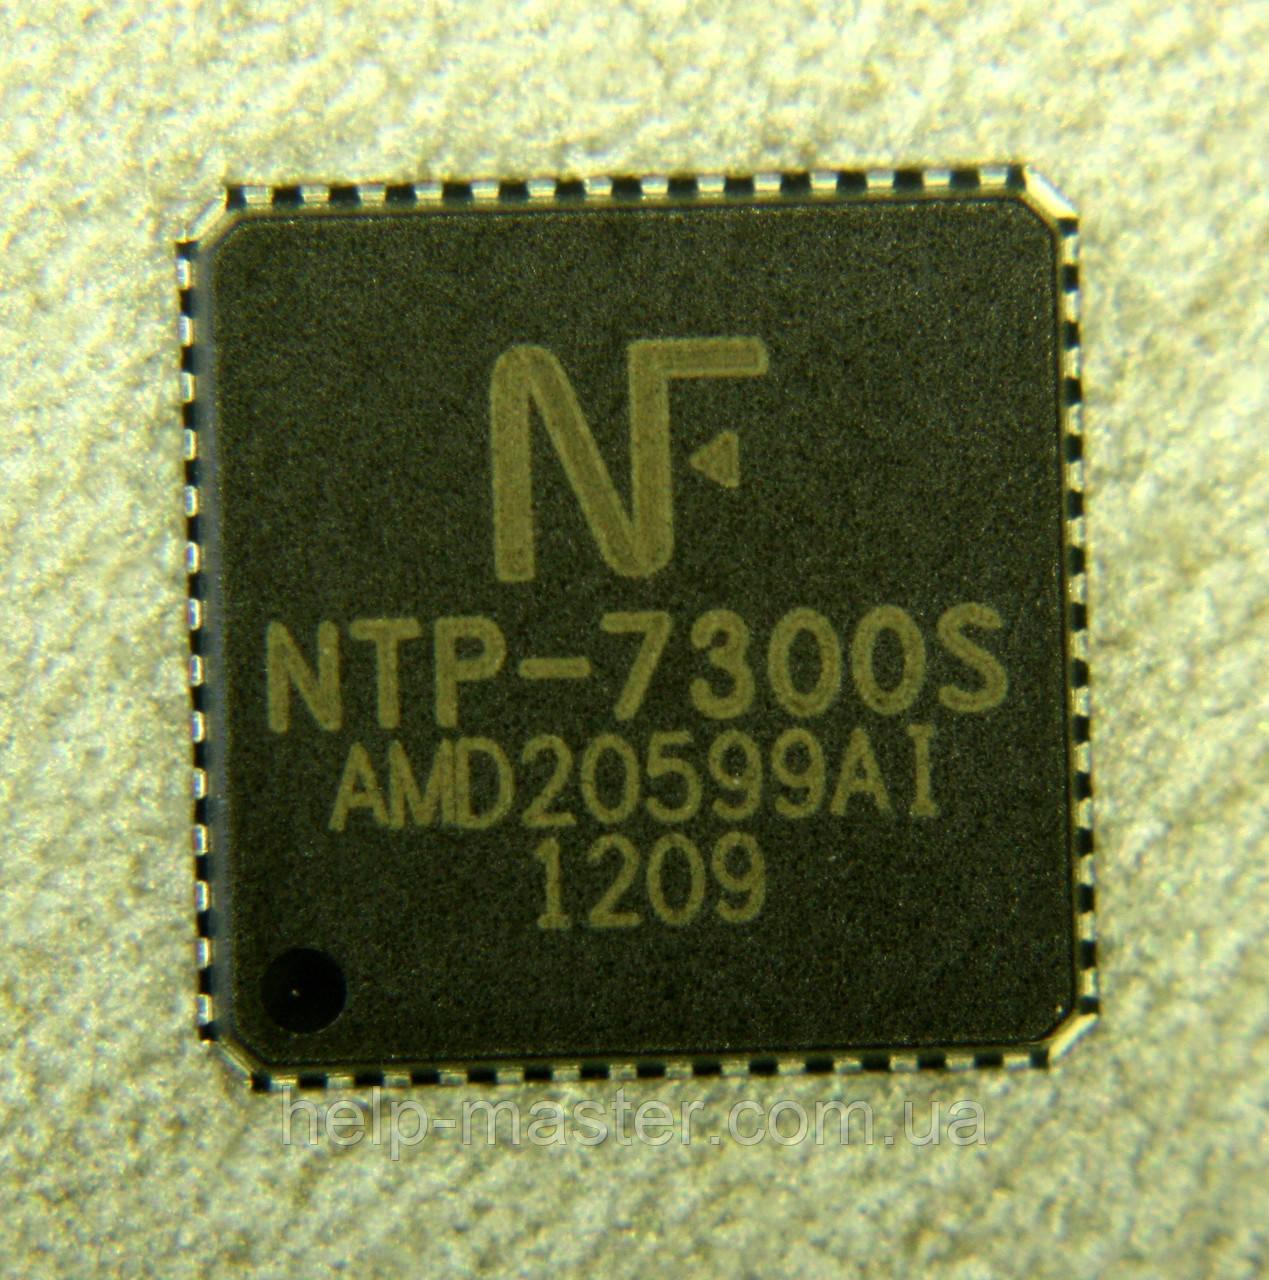 NTP-7300S